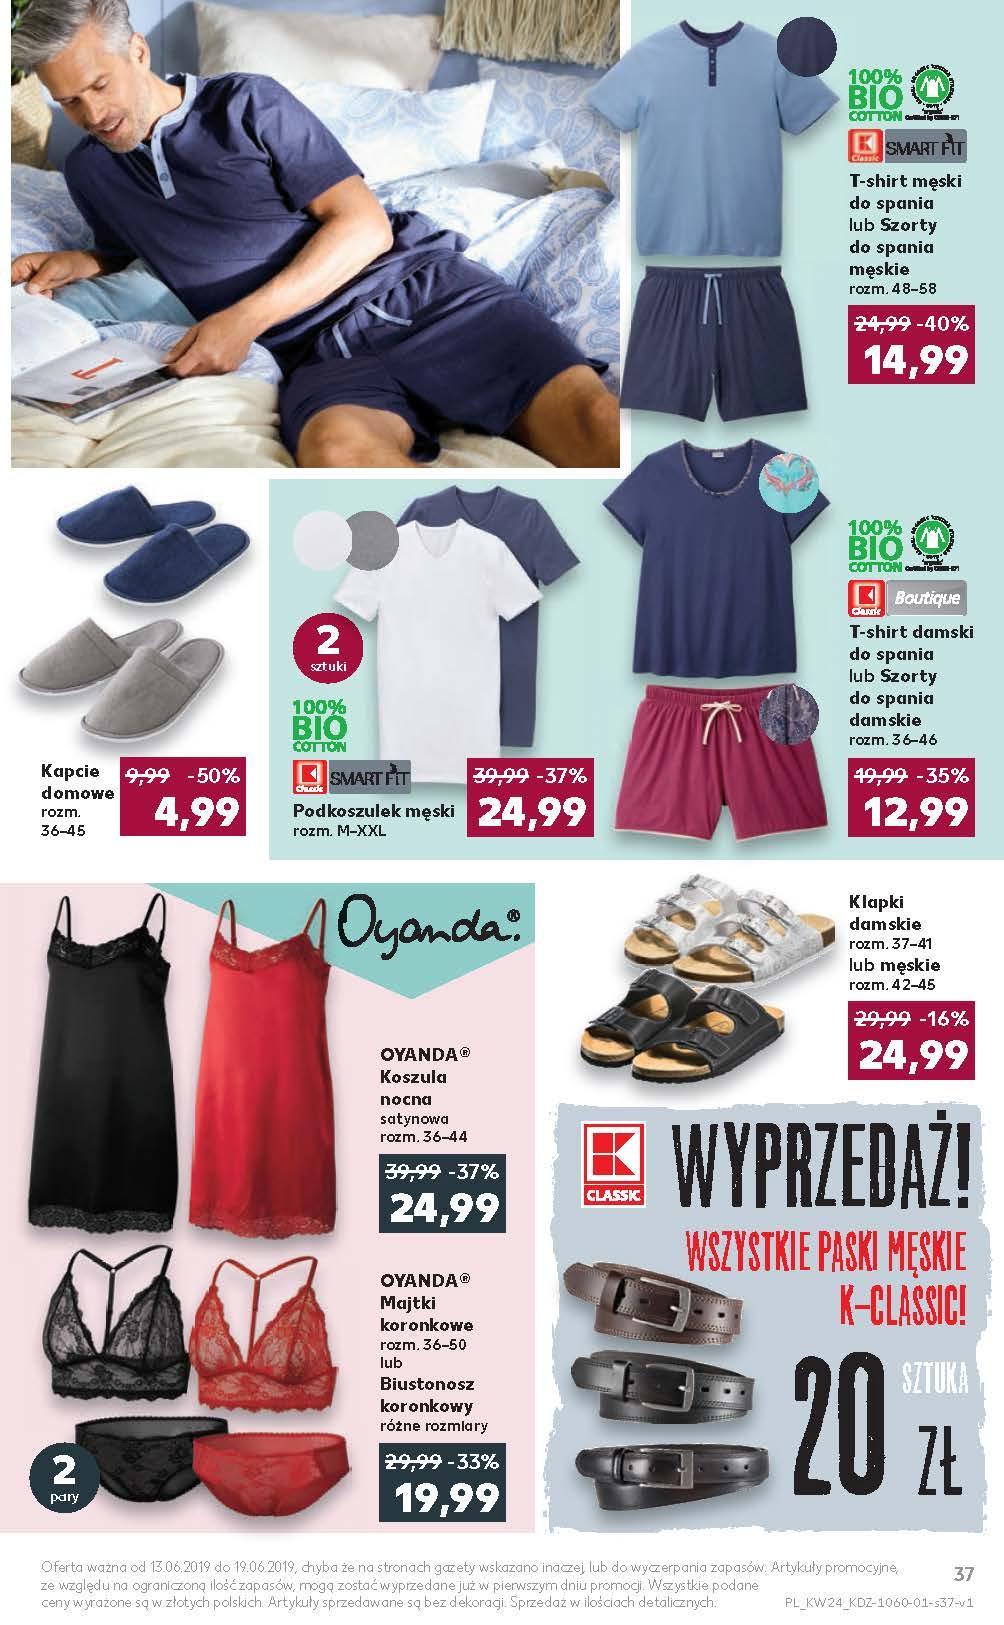 Gazetka promocyjna Kaufland do 19/06/2019 str.37